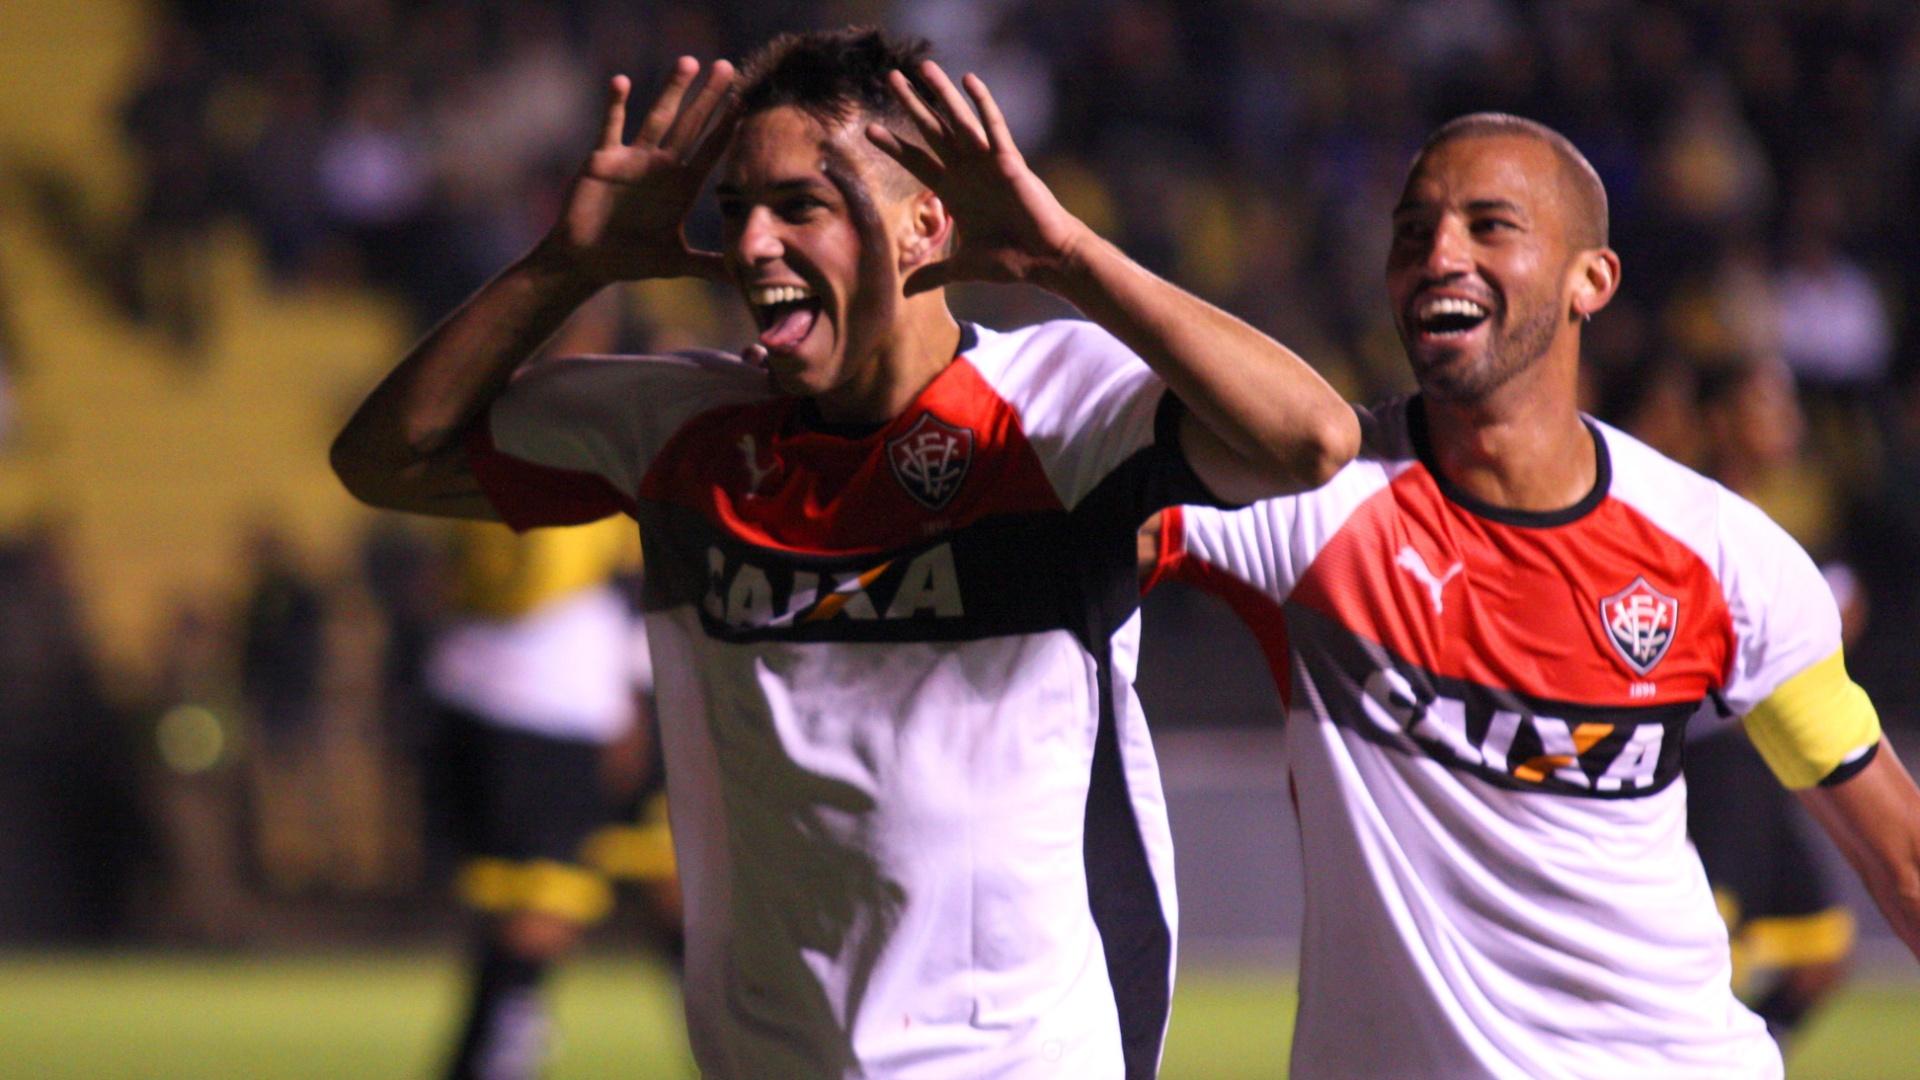 Caio comemora segundo gol do Vitória no triunfo contra o Criciúma